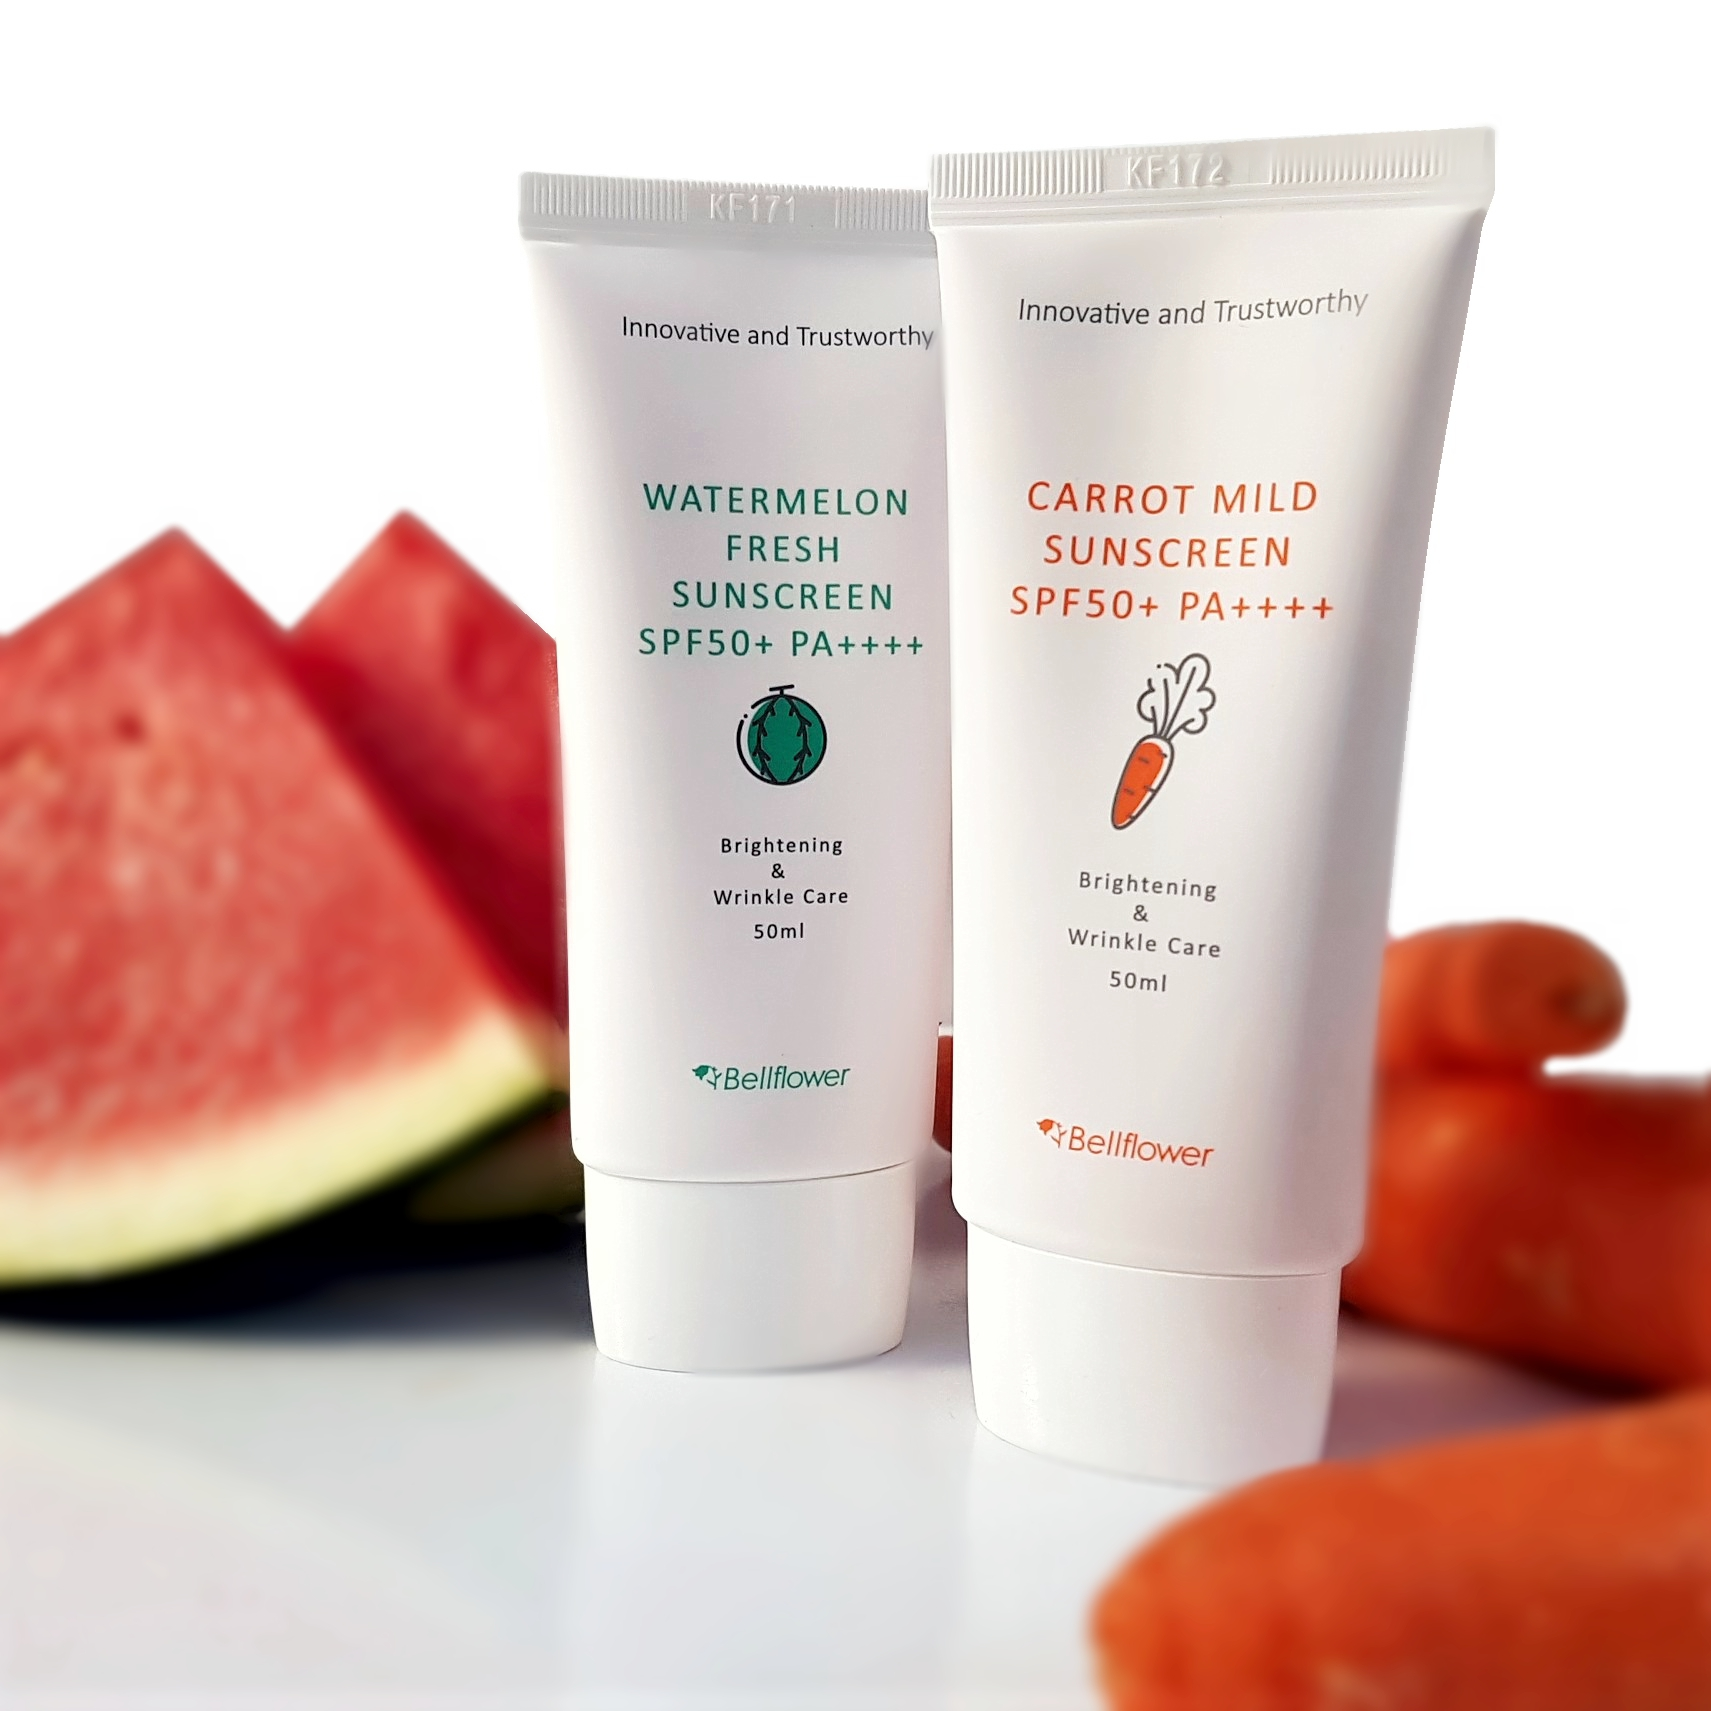 Bellflower Carrot Mild Sunscreen